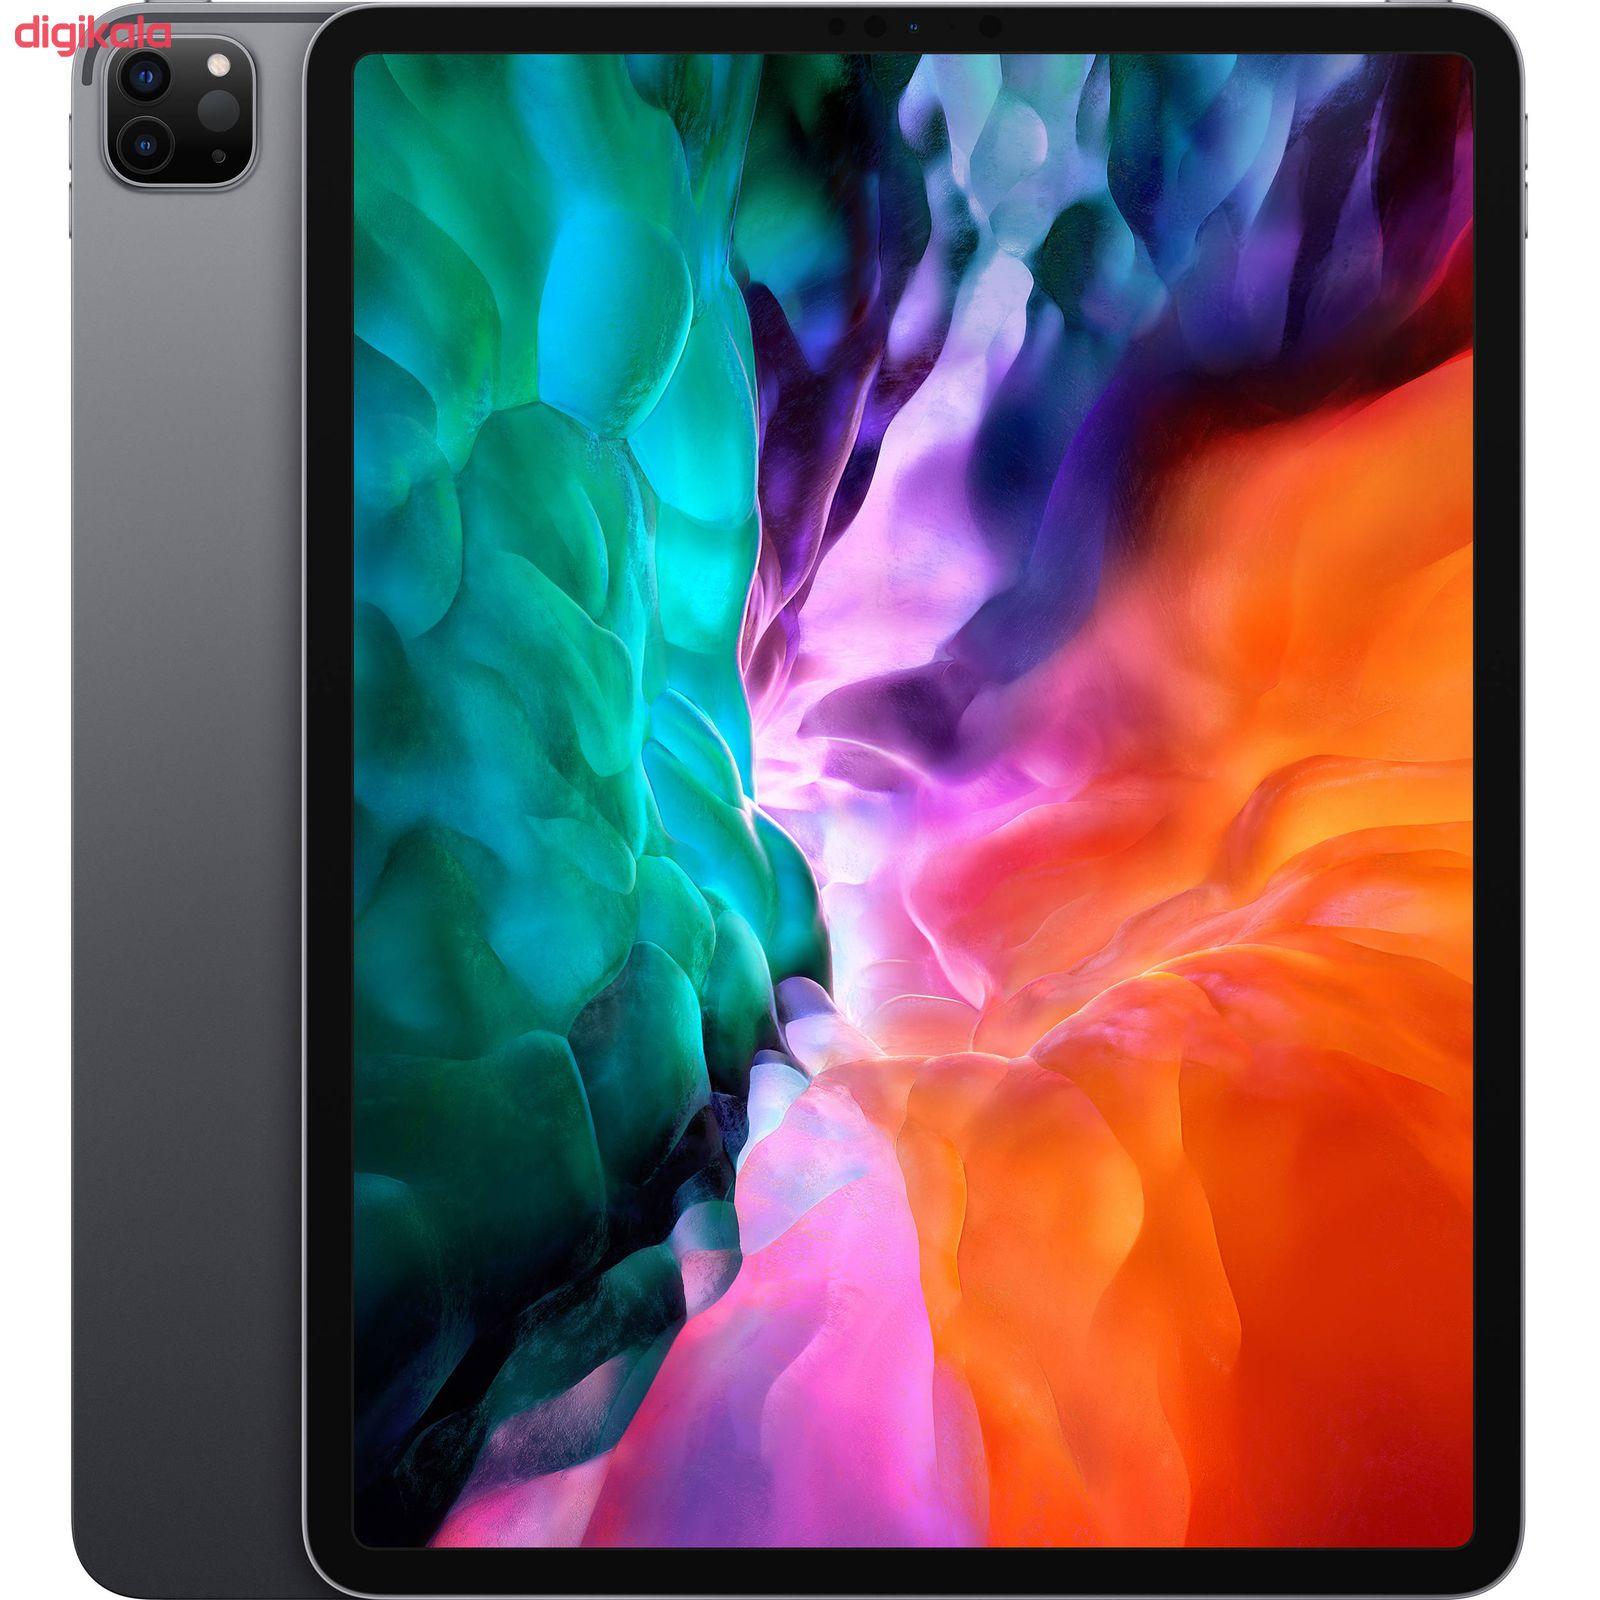 تبلت اپل مدل iPad Pro 2020 12.9 inch WiFi ظرفیت 128 گیگابایت  main 1 1